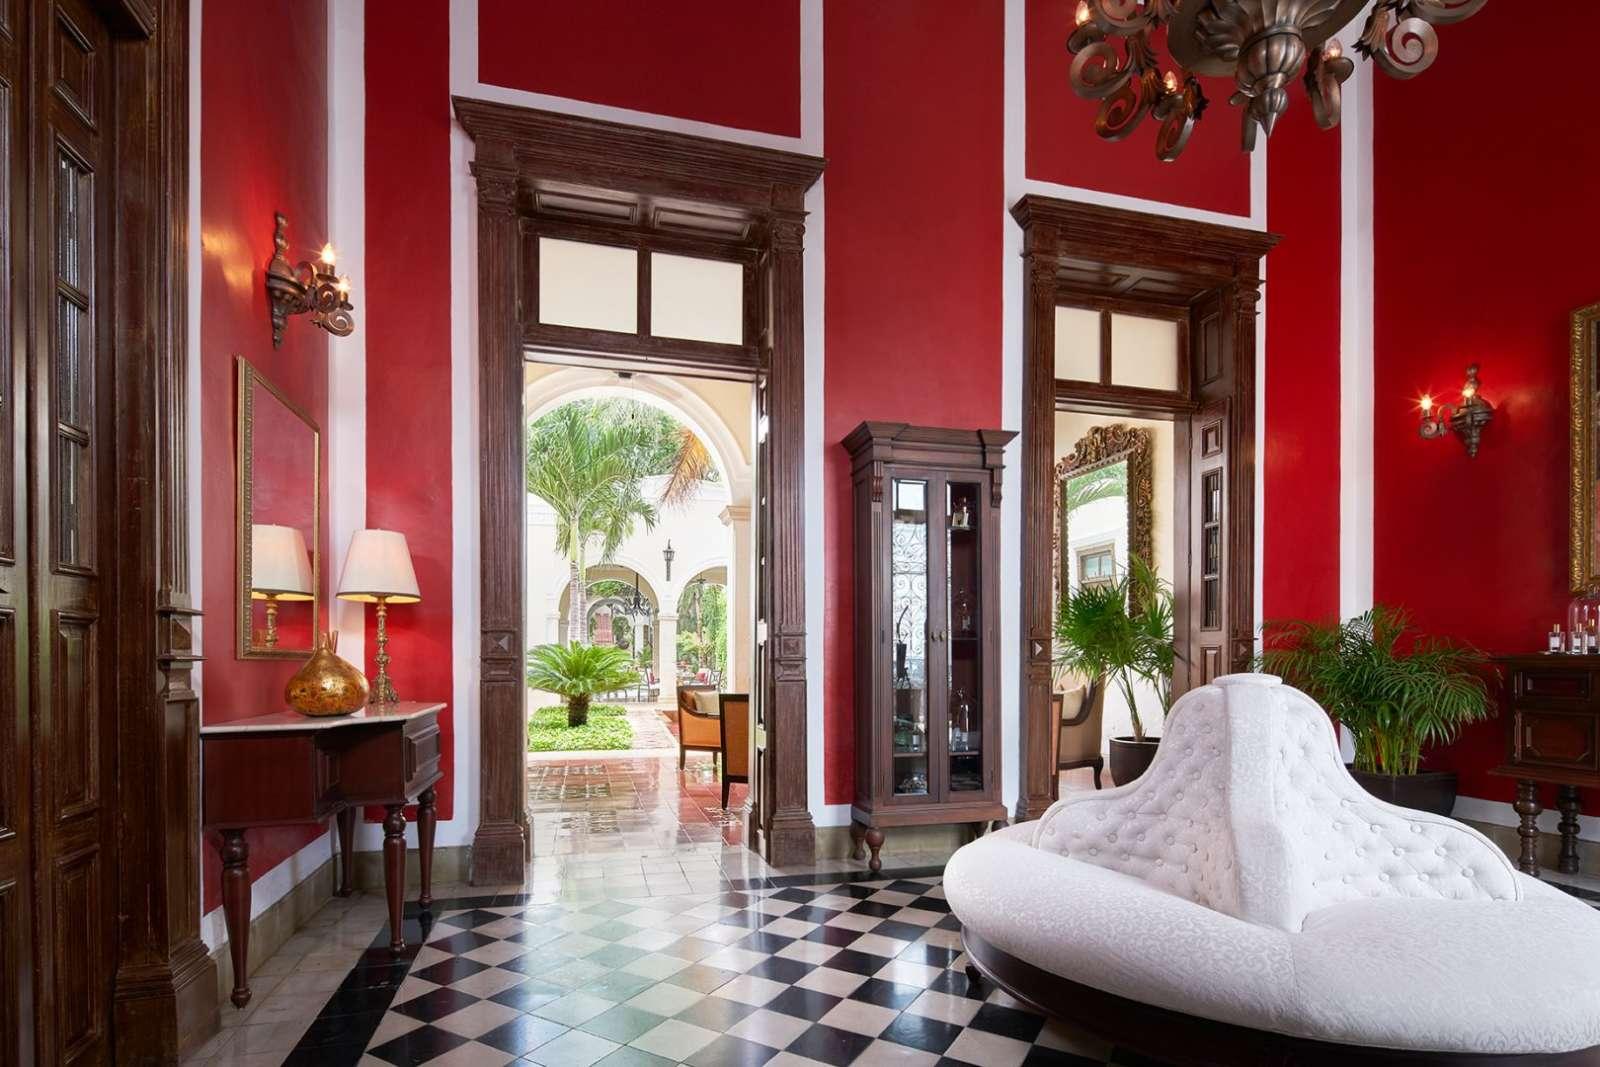 Lounge at Casa Lecanda in Merida